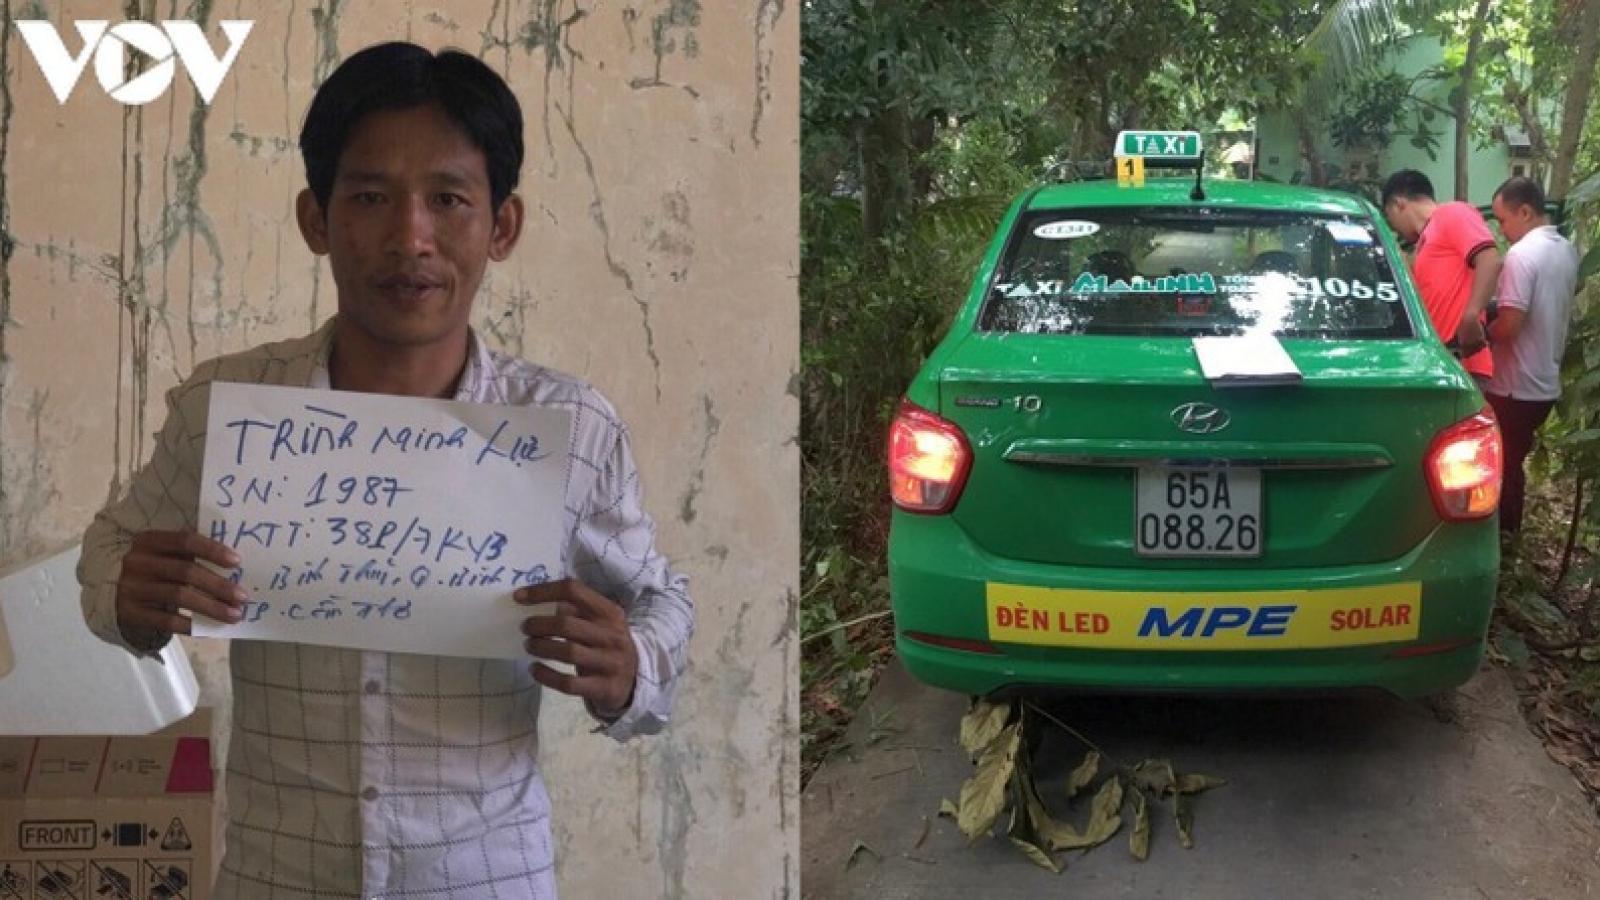 Siết cổ nữ lái xe taxi để cướp tài sản